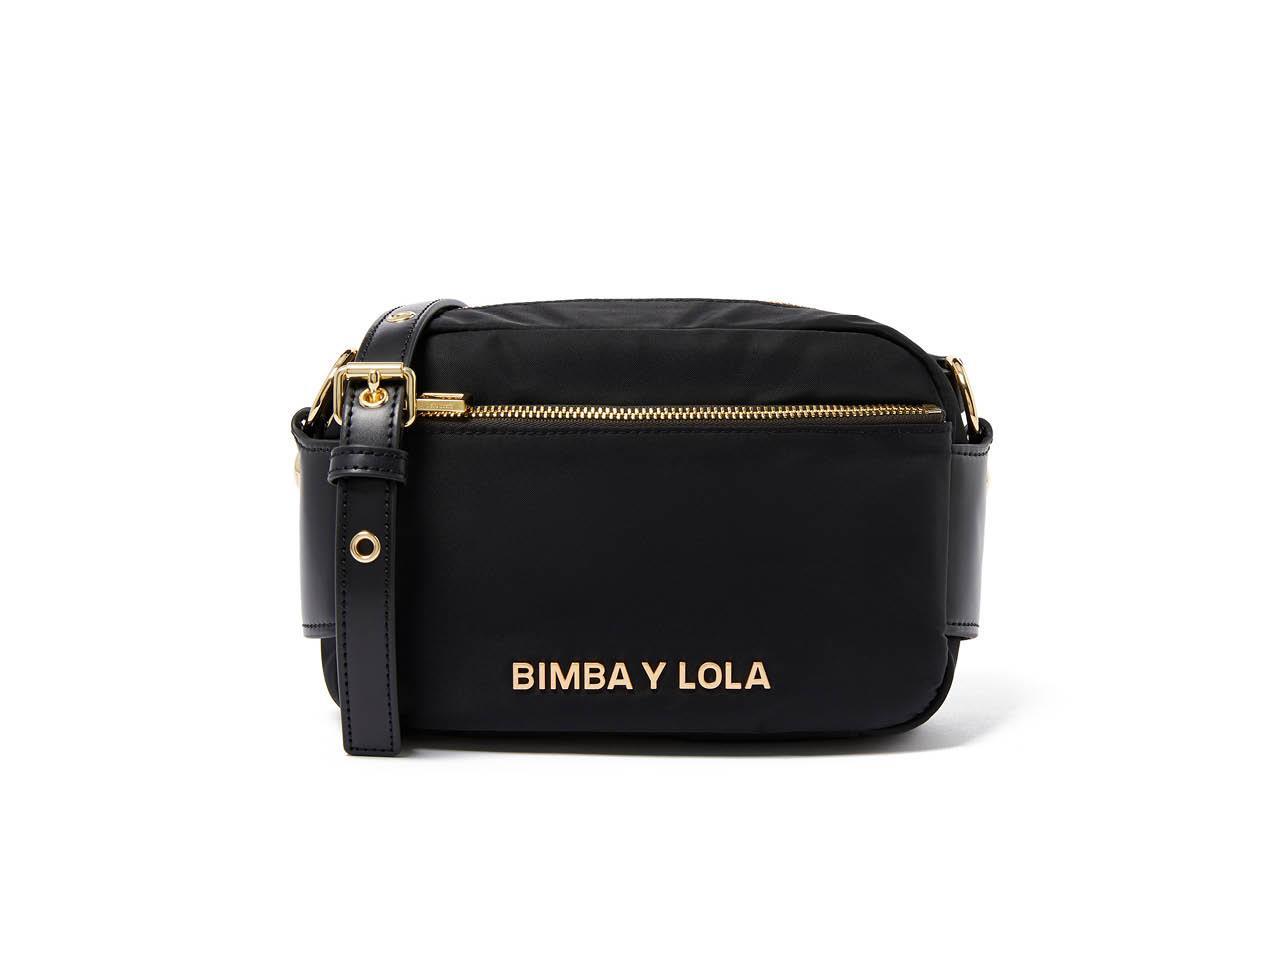 602a90e0992 los bolsos mas bonitos y rebajados de bimba y lola bandolera 66€. Un clásico